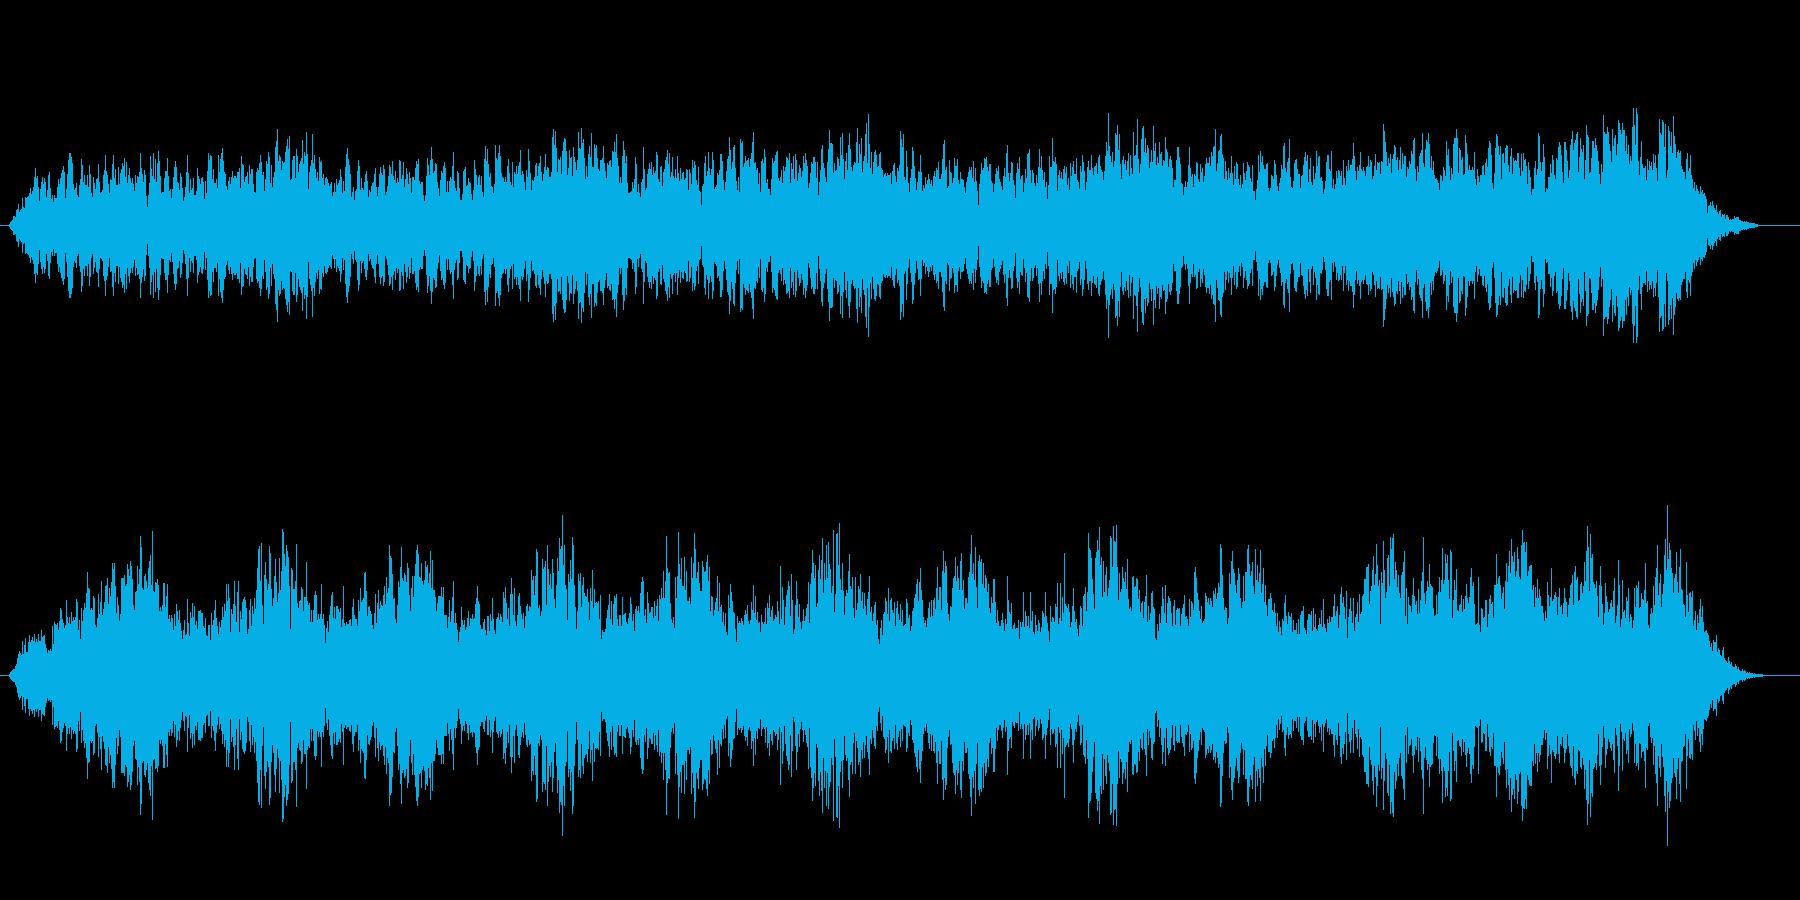 ホラー映画、エイリアン登場の様なサウンドの再生済みの波形